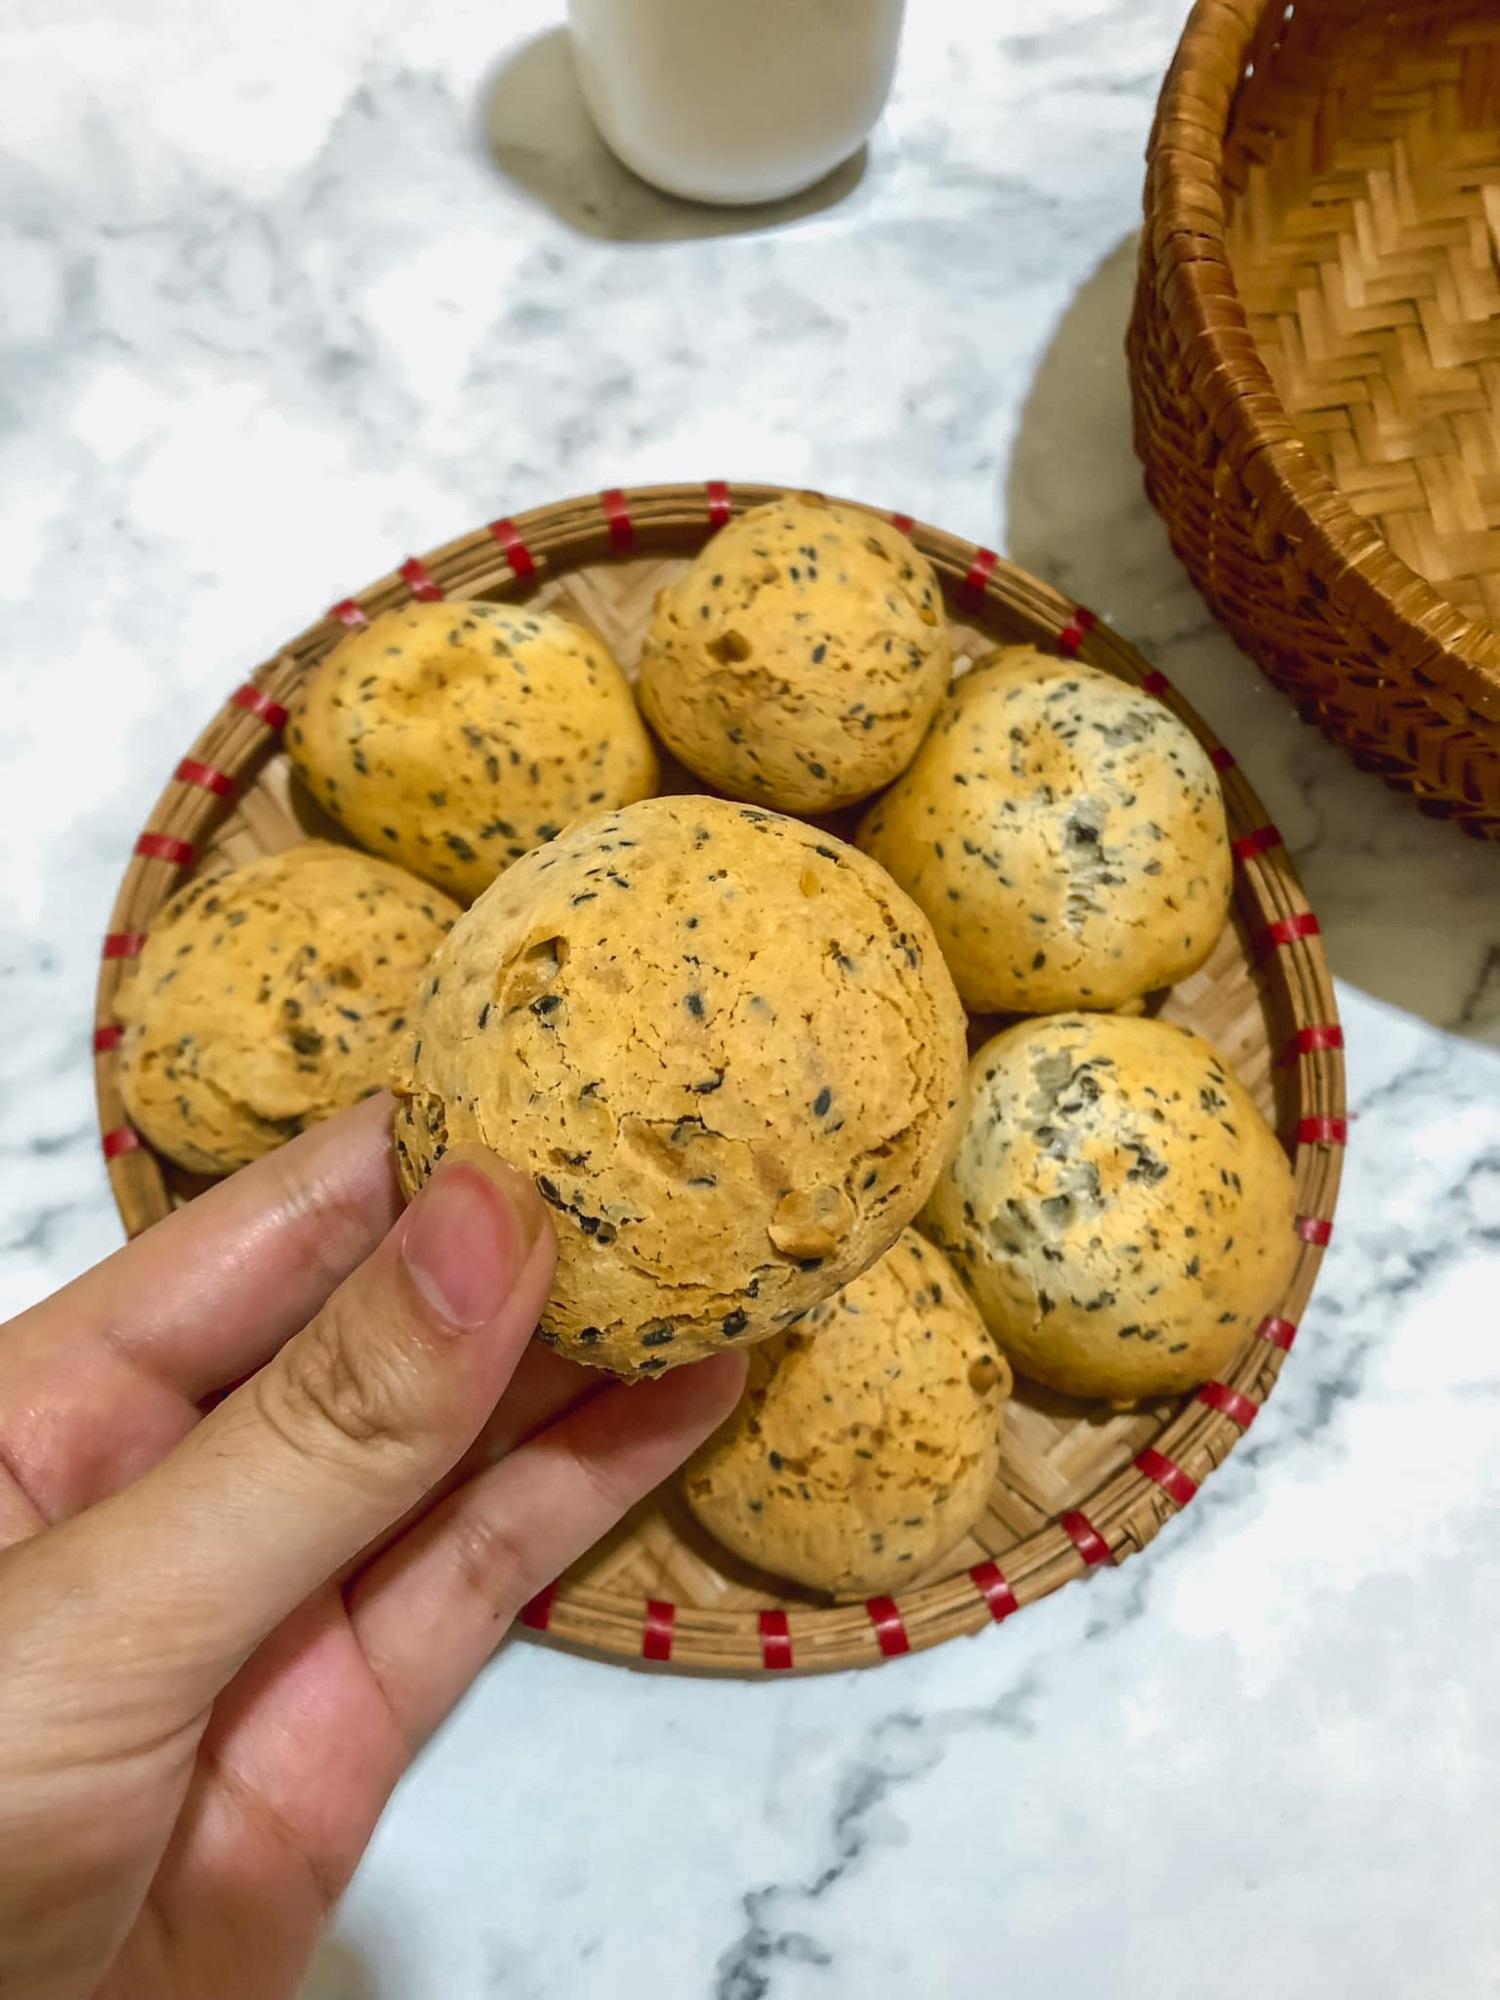 'Chị đẹp' chia sẻ bí quyết làm bánh mì mè đen Hàn Quốc bằng nồi chiên không dầu cực đơn giản - Ảnh 4